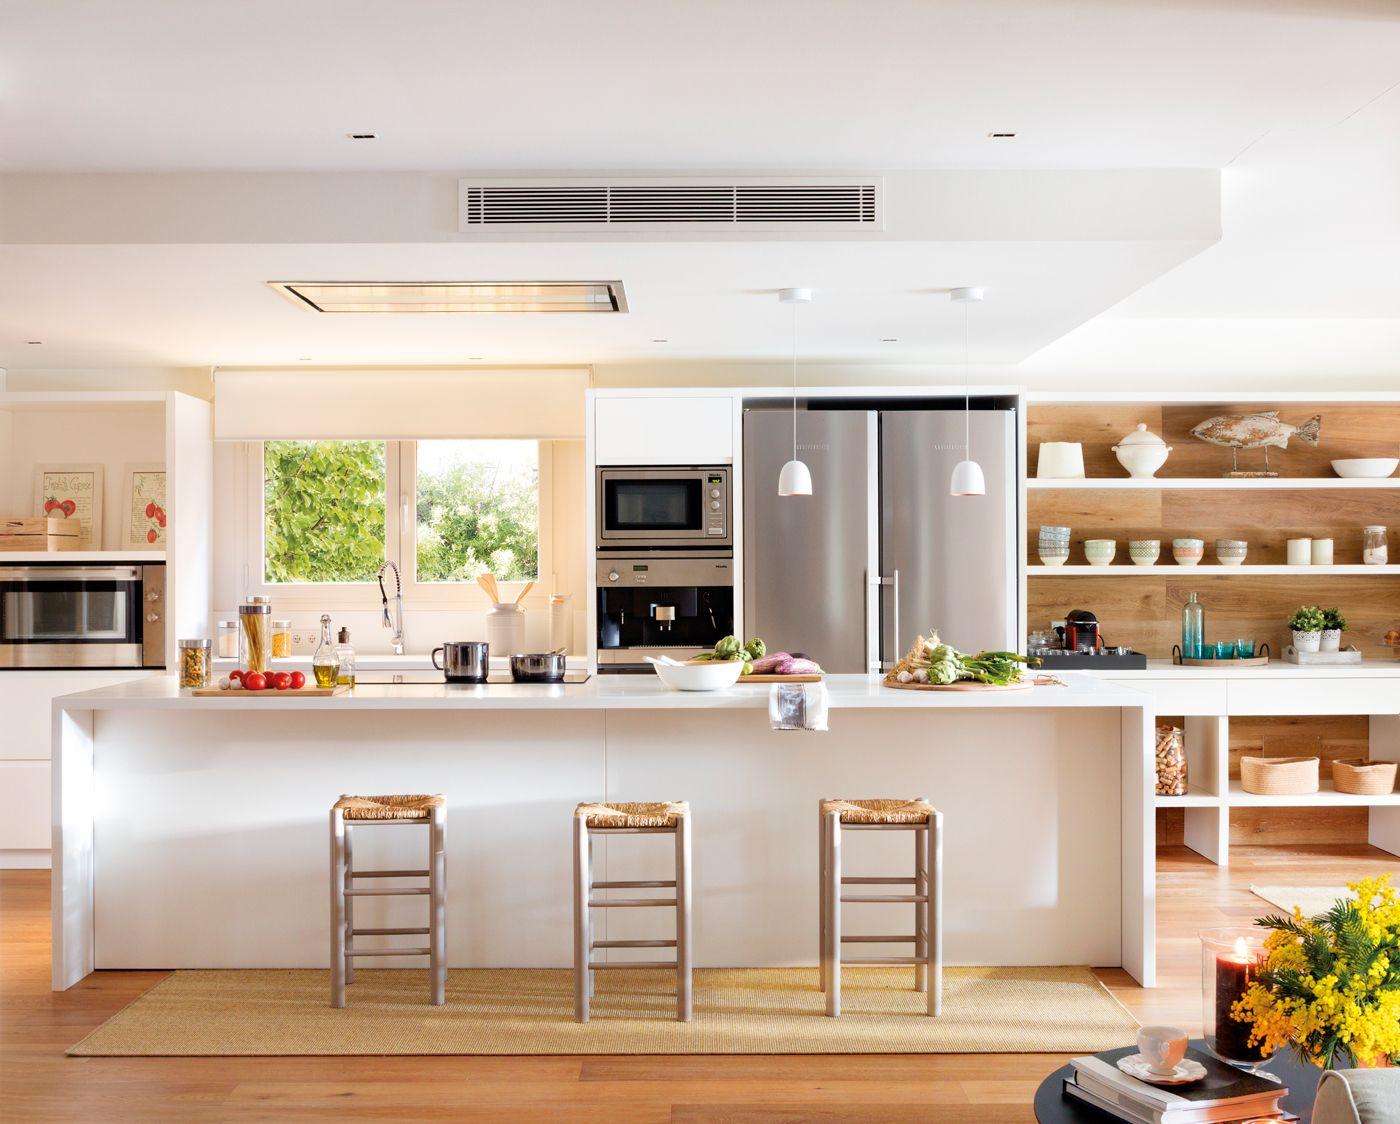 Quieres reformar la cocina? Elige antes tu estilo | Frigoríficos ...